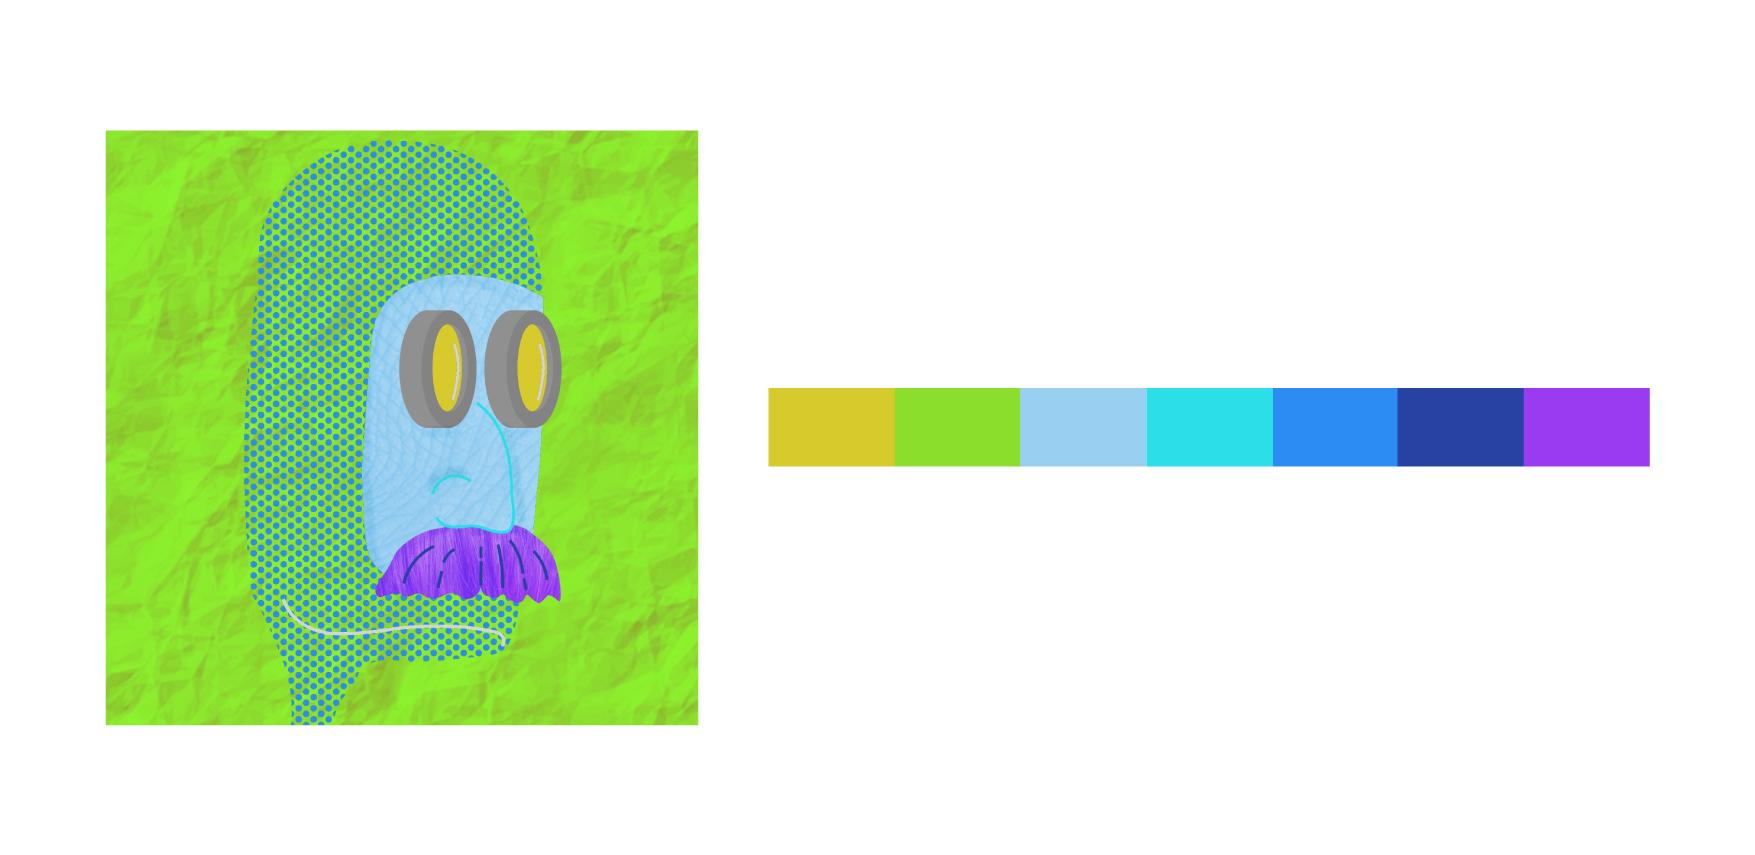 030 ARIEL VELASTEGUÍ the guy a partir de Warhol 2020-03